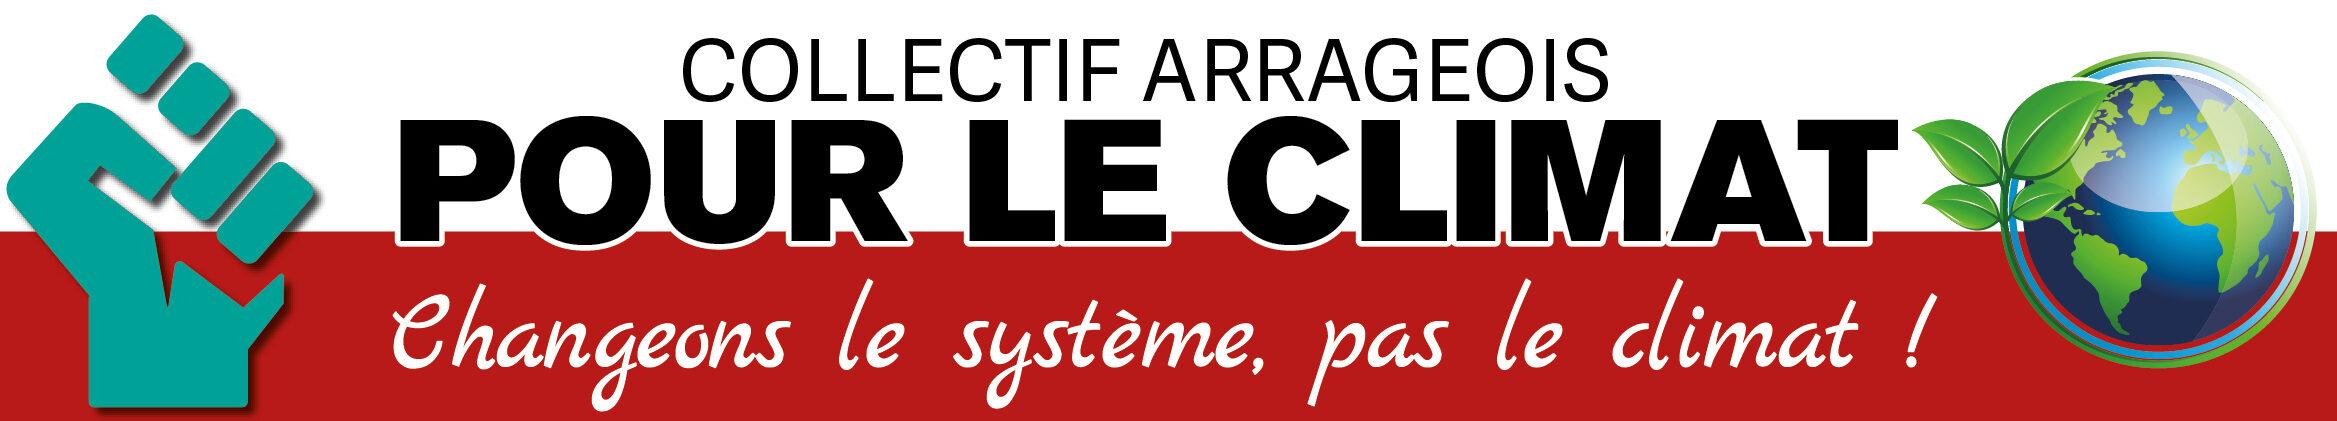 """Collectif Arrageois pour le Climat, """"Et 1, et 2, et 3 degrés : c'est un crime contre l'humanité"""" !"""